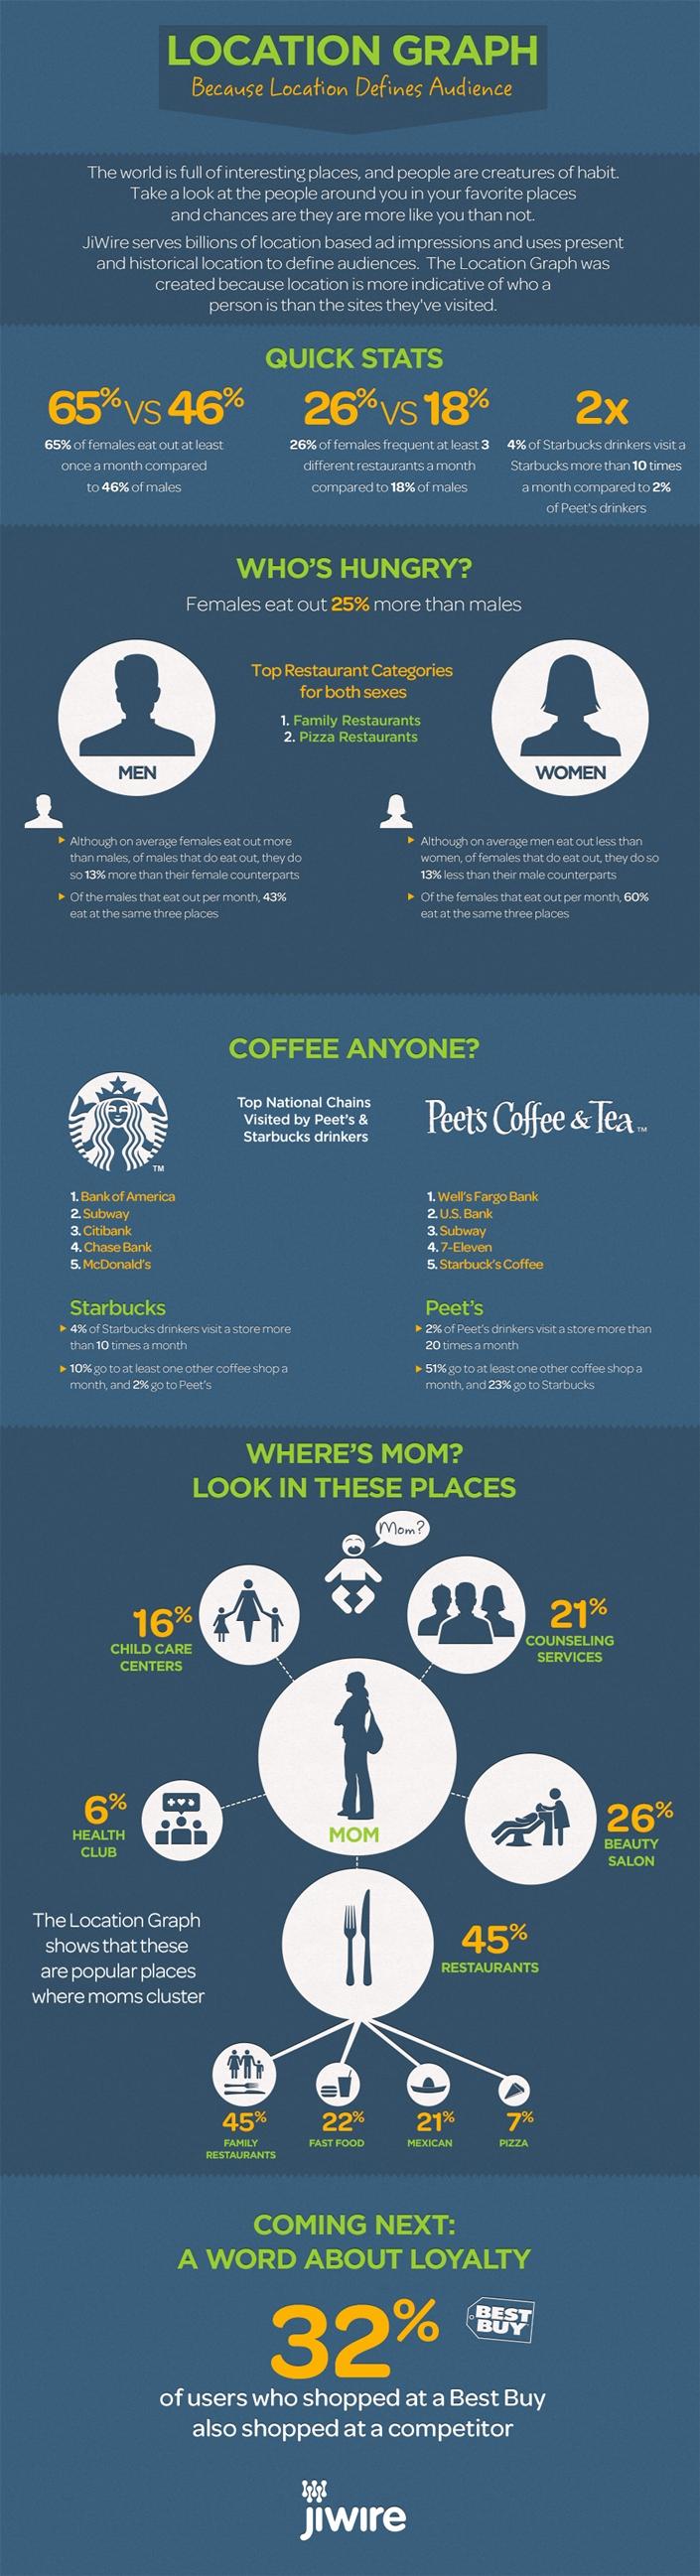 LocationGraph-Infographic-SocialMarketingFella-75